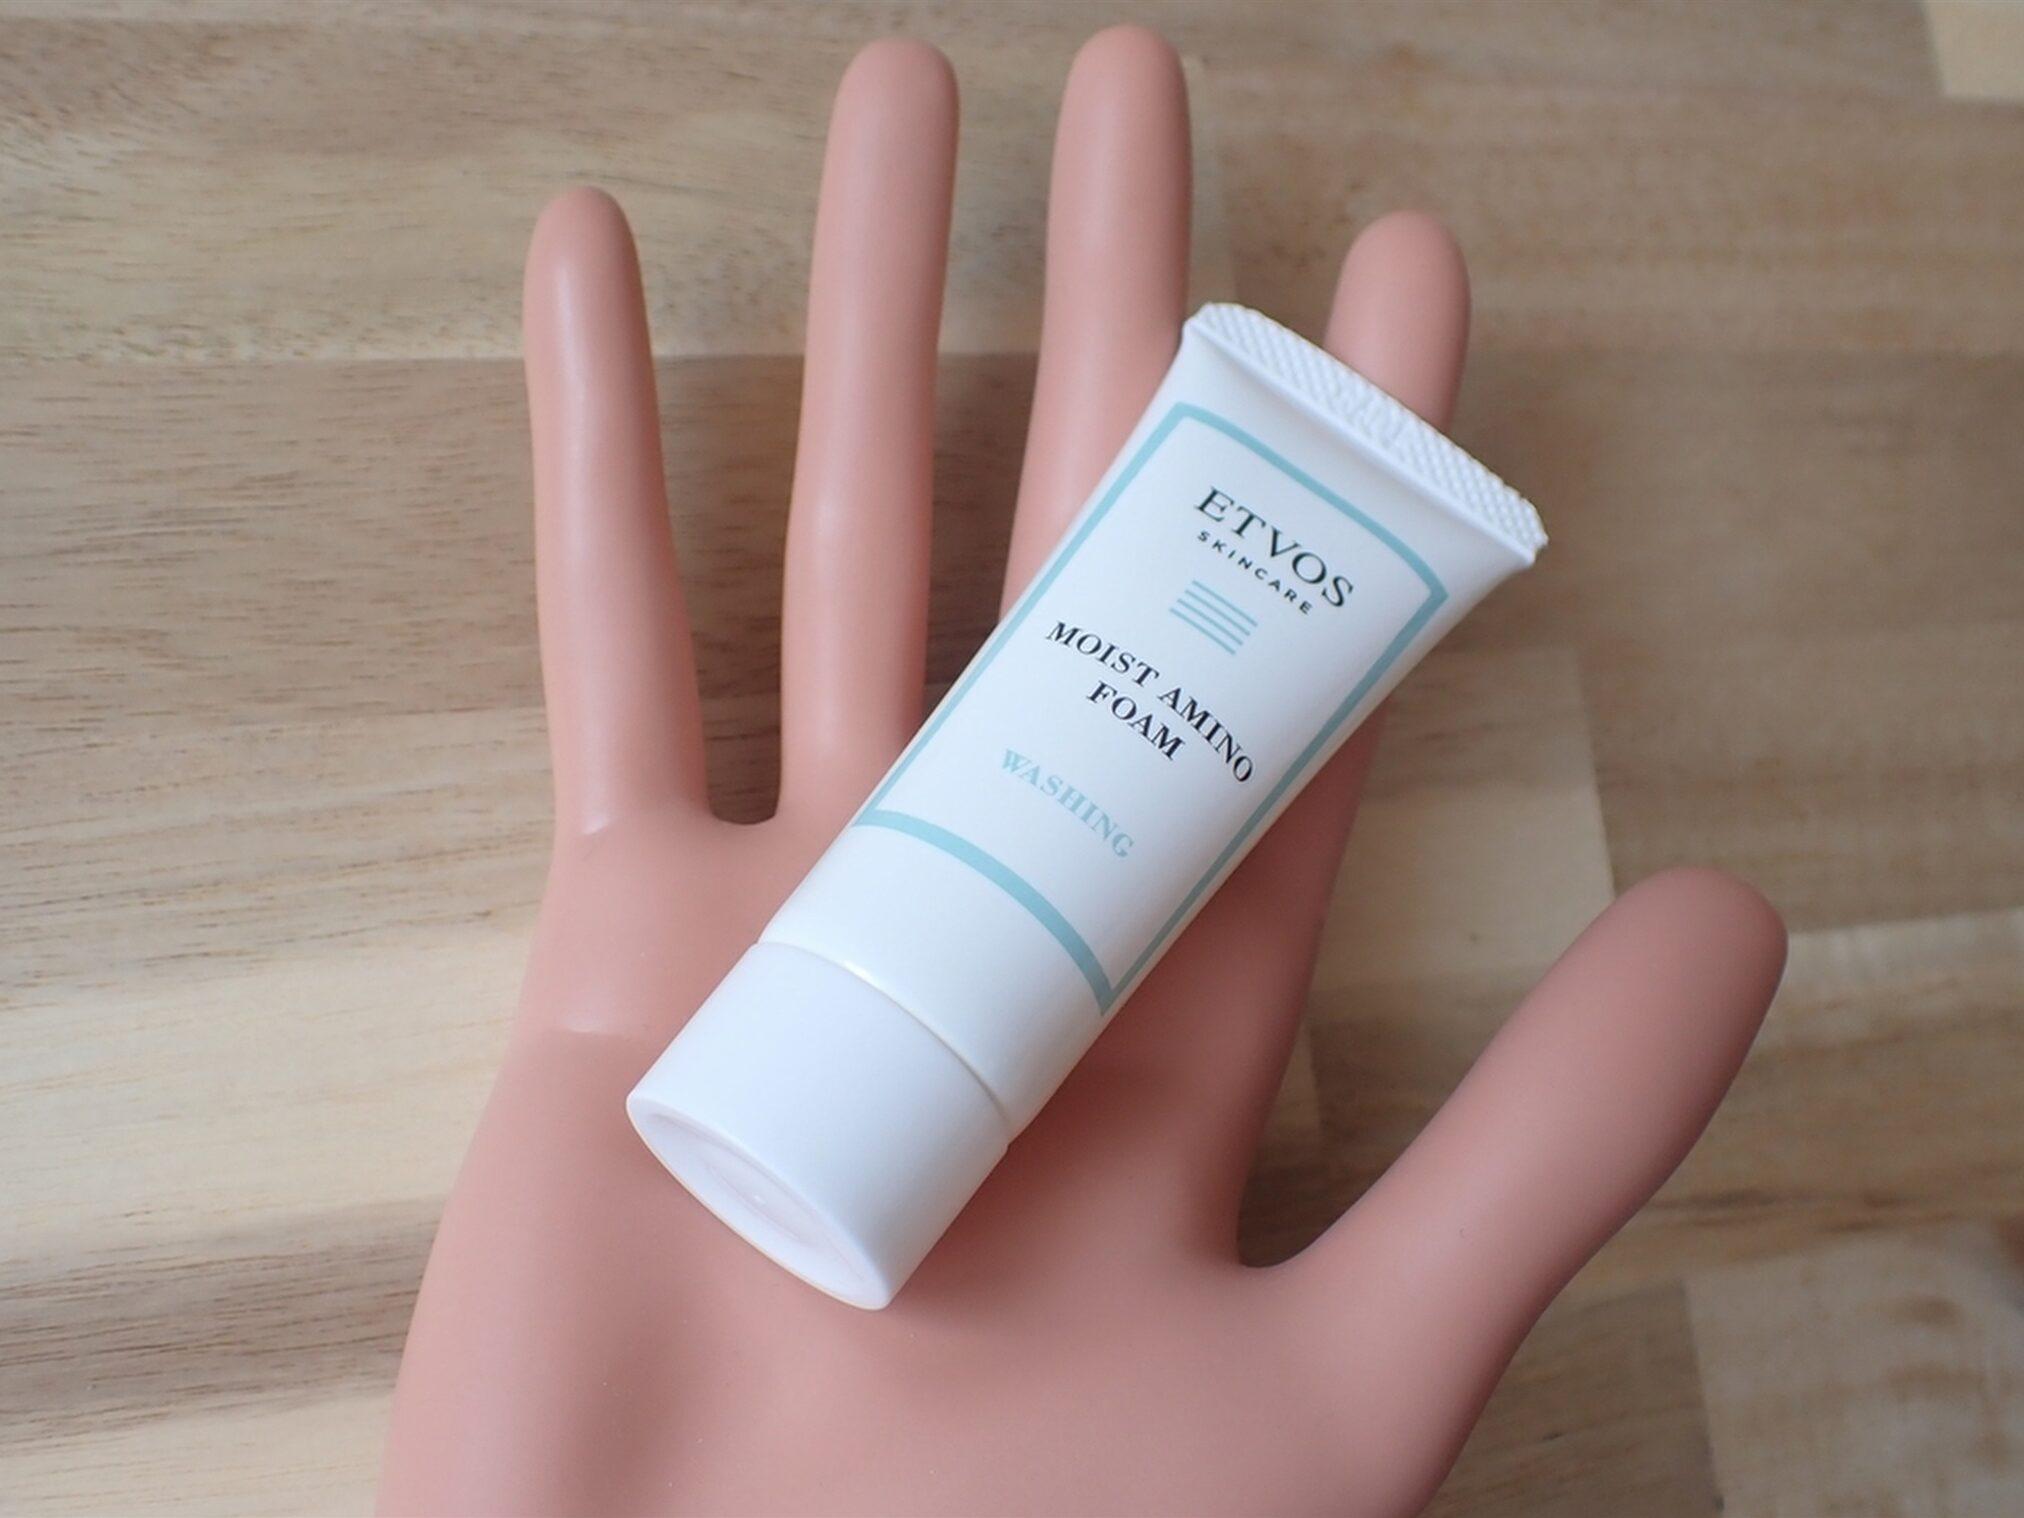 エトヴォス アルティモイスト トライアルキット ETVOS 洗顔フォーム モイストアミノフォーム 20g 約14日間お試しできる大きめサイズです